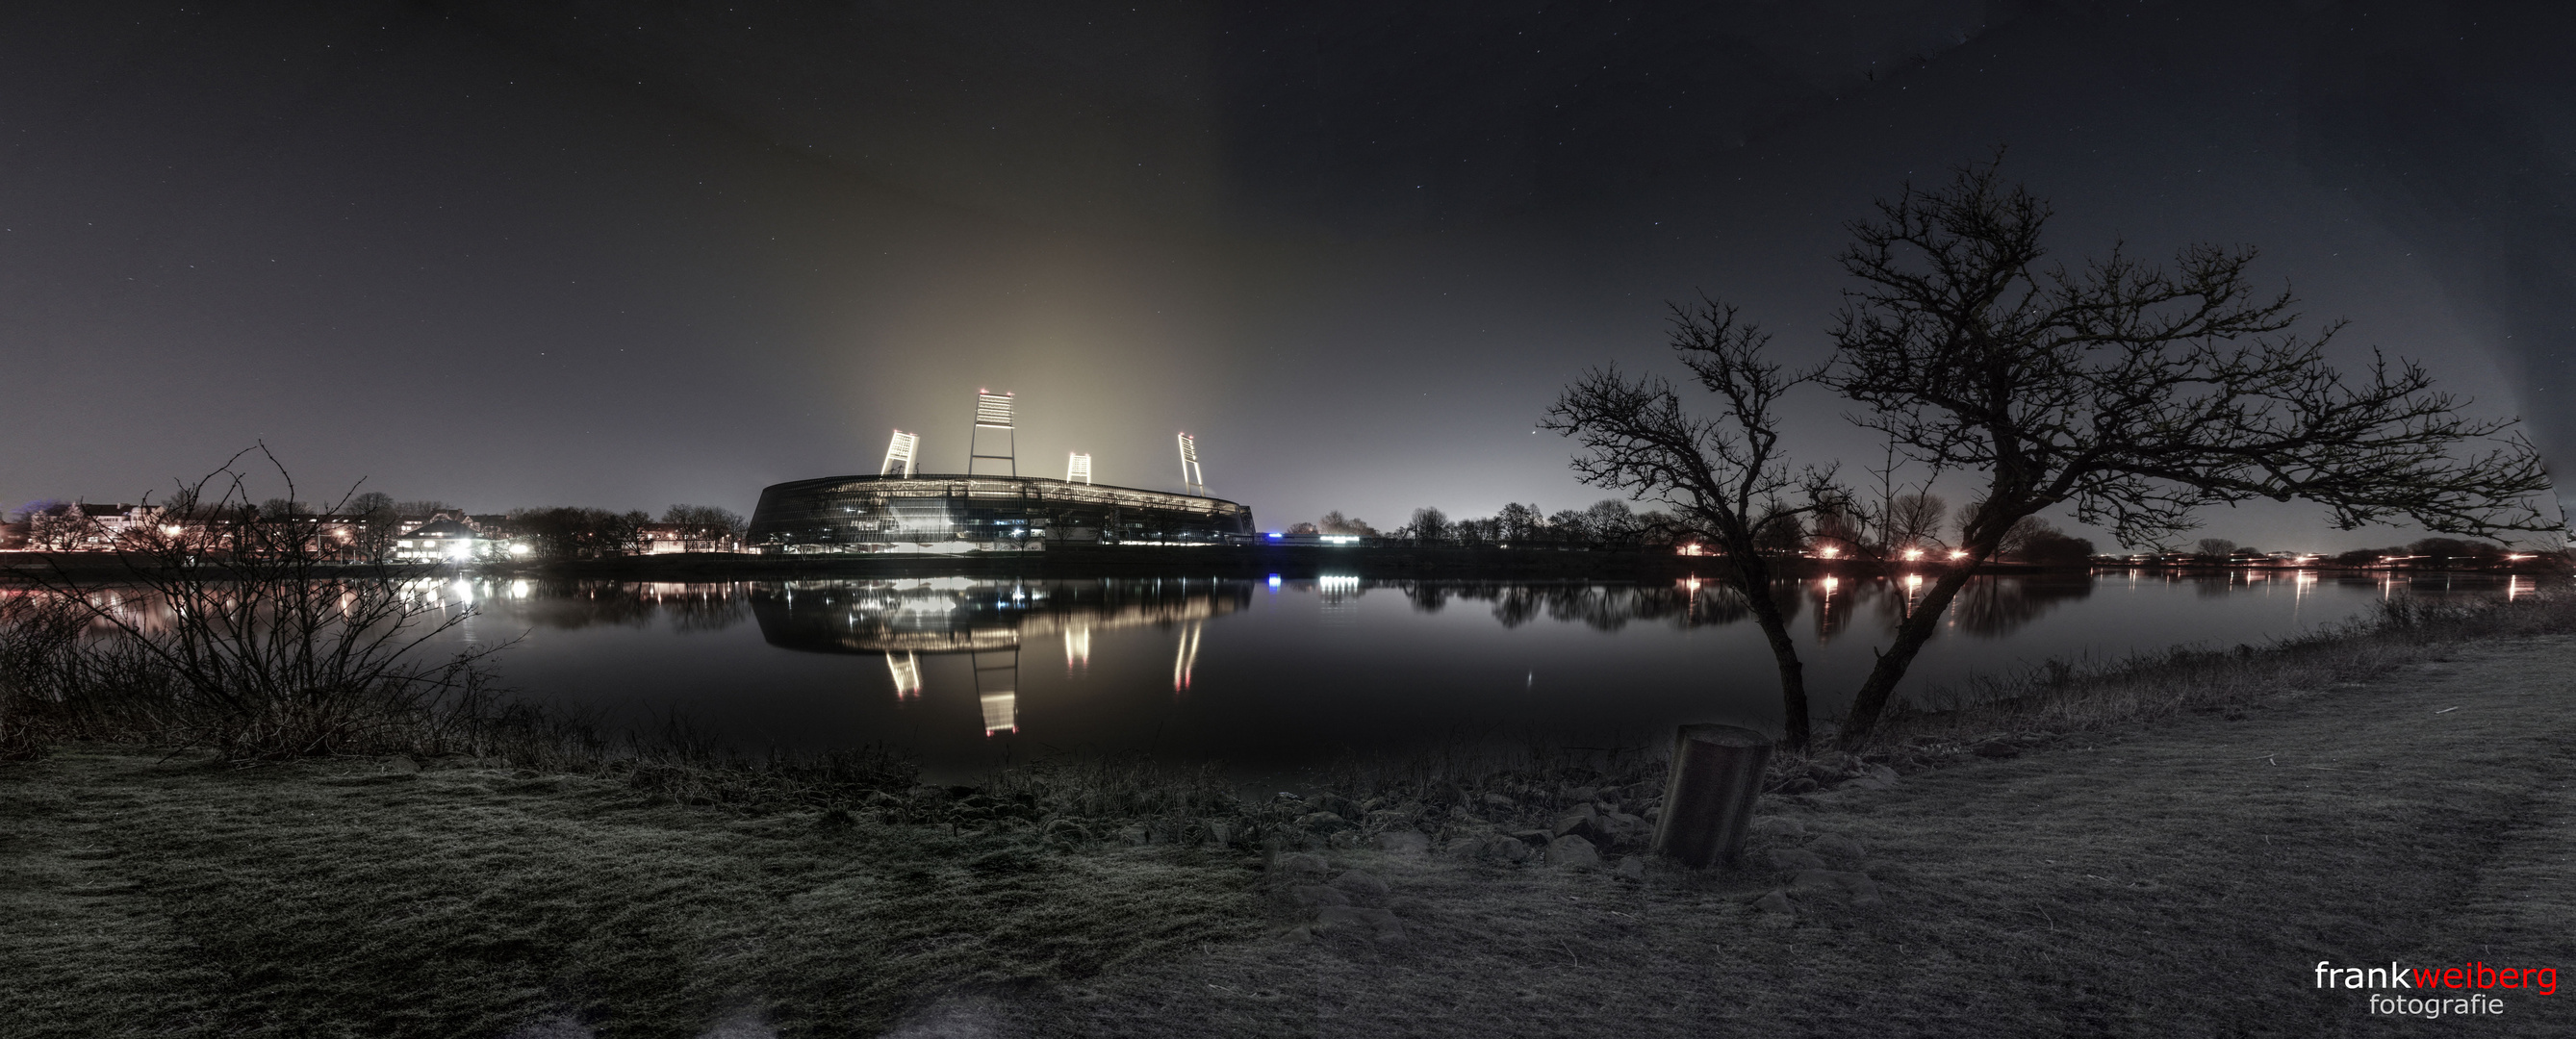 Bremen Fotografie weserstadion bremen foto bild architektur architektur bei nacht